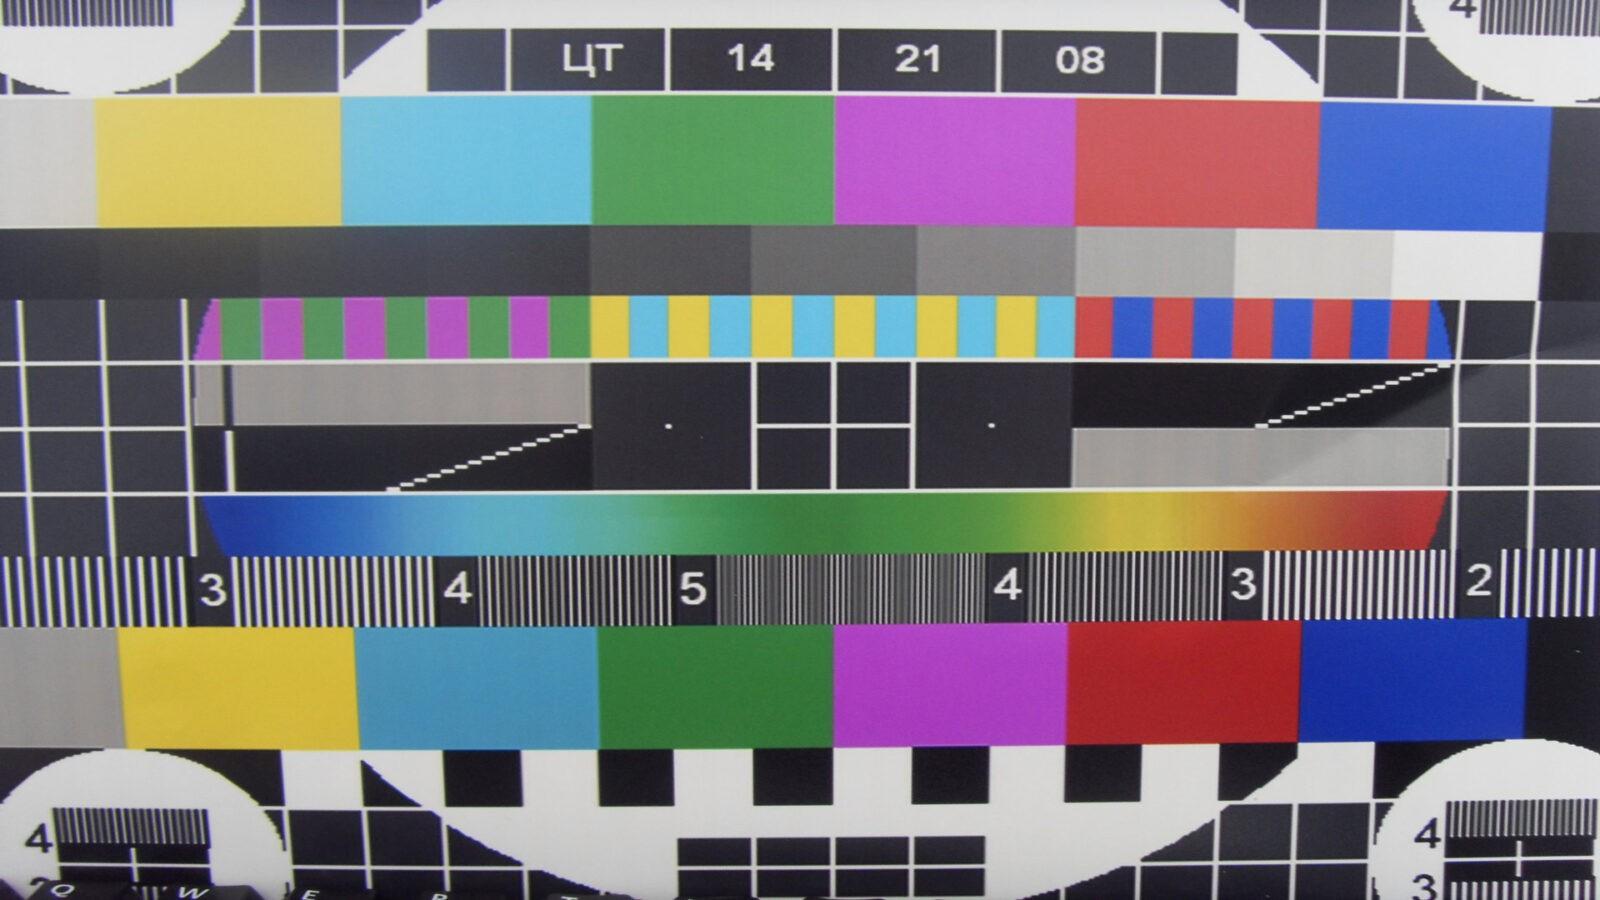 Телеканал NTT вернется в эфир с другим именем